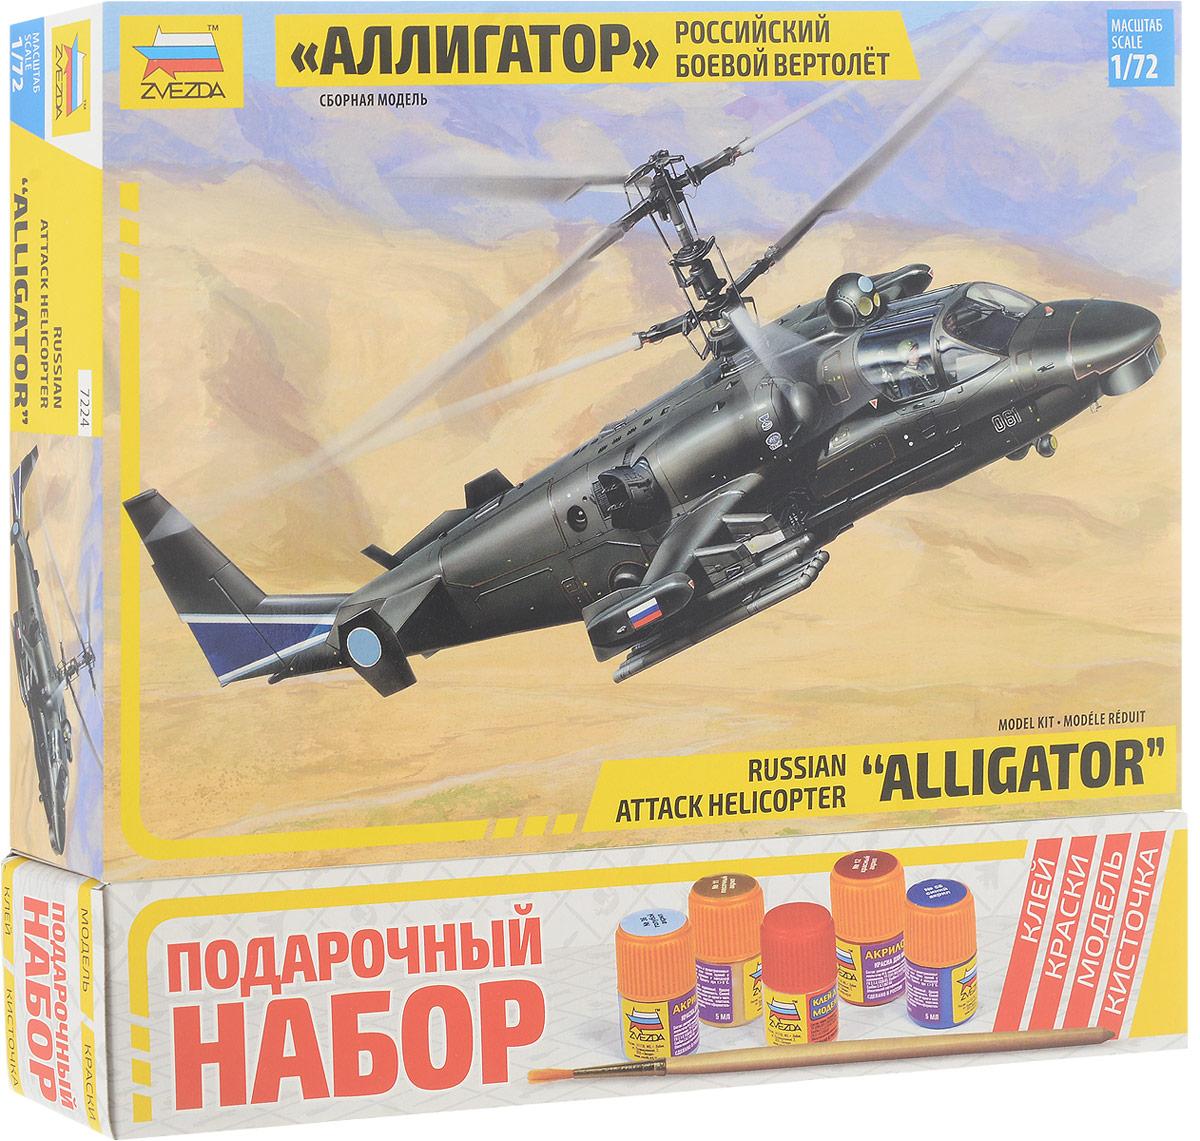 Звезда Набор для сборки и раскрашивания Российский боевой вертолет Ка-52 Аллигатор николай якубович ударные вертолеты россии ка 52 аллигатор и ми 28н ночной охотник